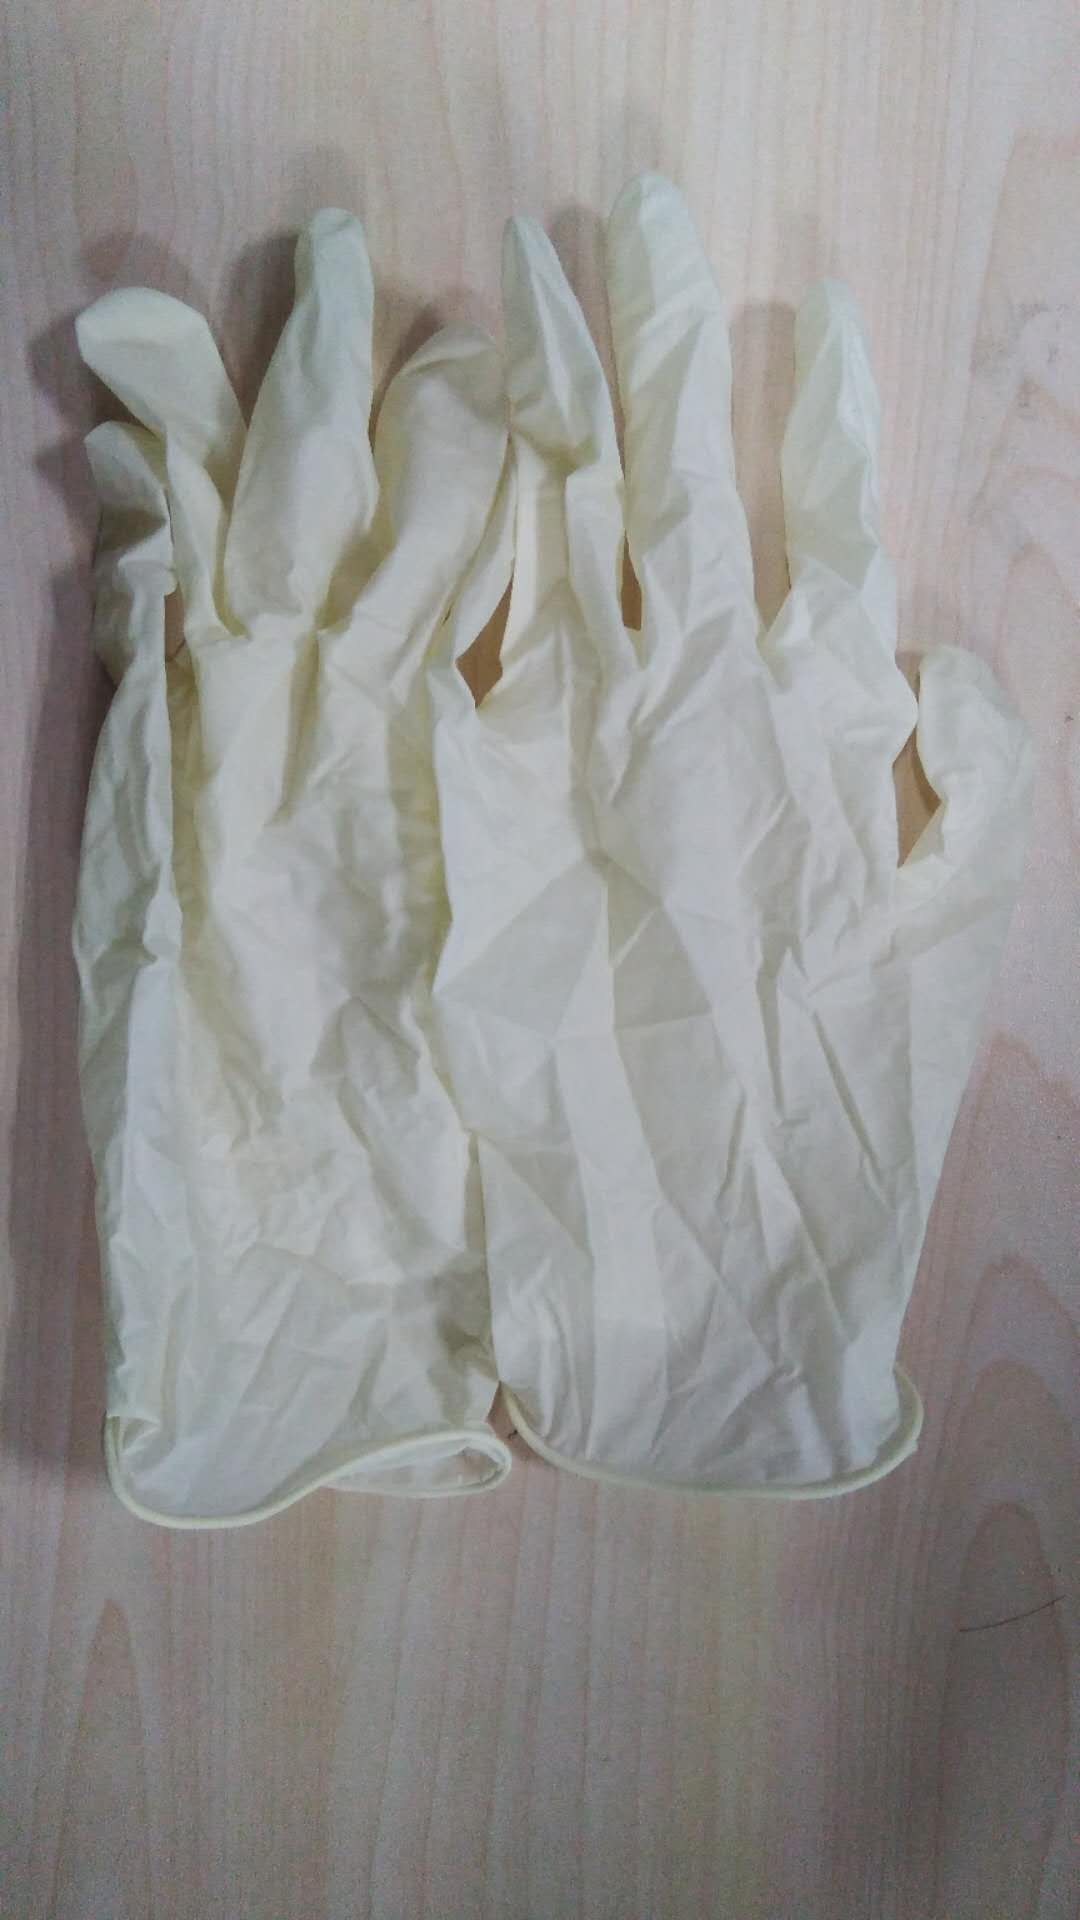 4576-一次性天然乳胶手套-一次性乳胶手套